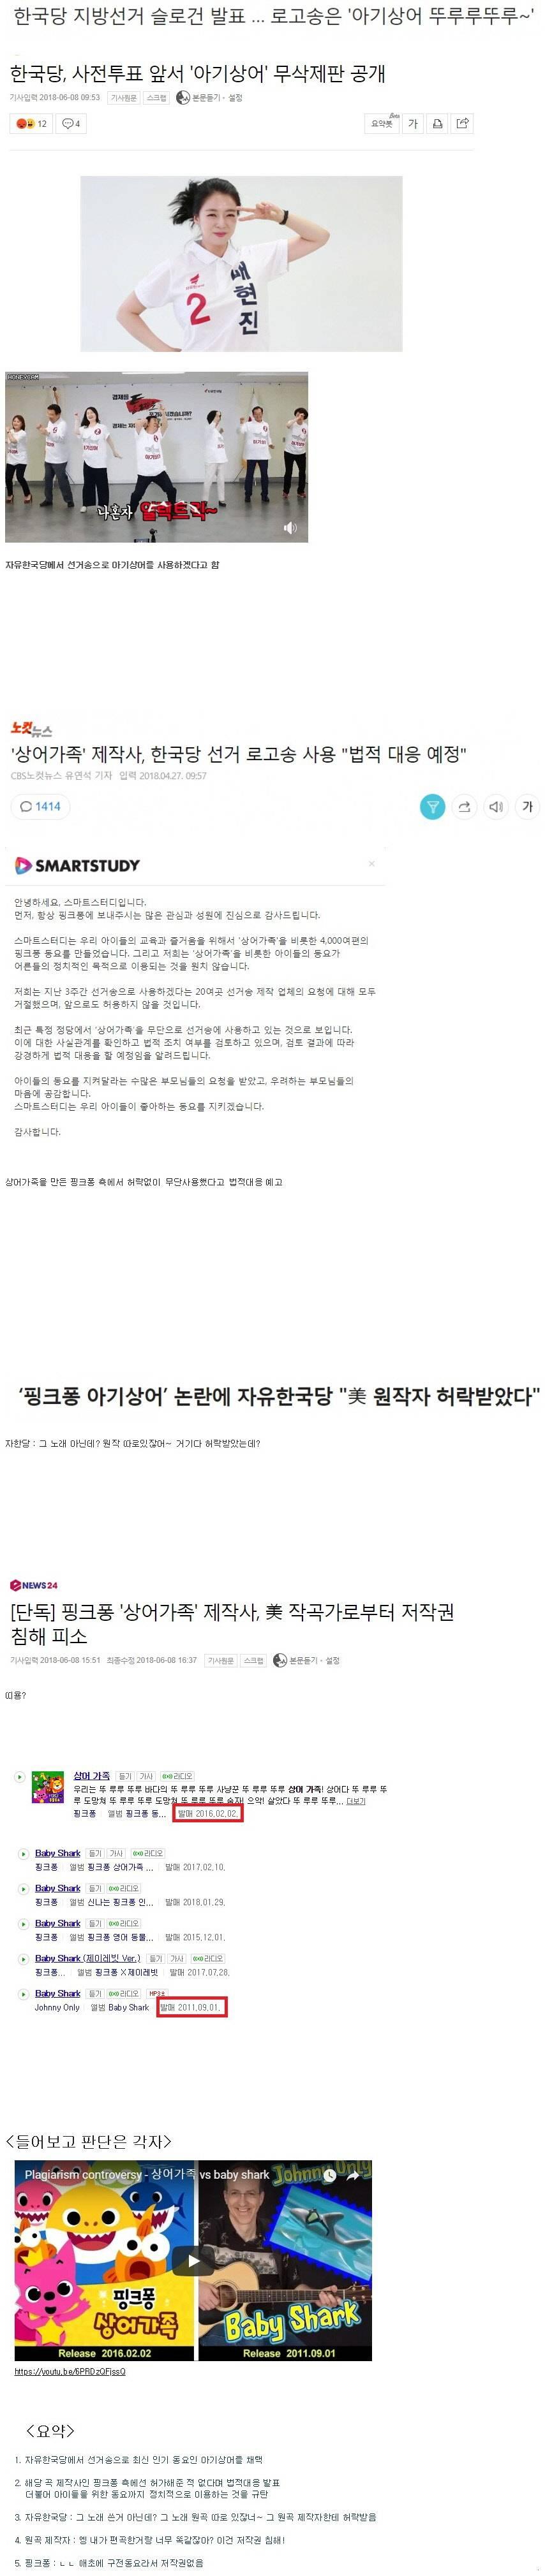 아기상어 선거송 저작권 논란 반전1.jpg